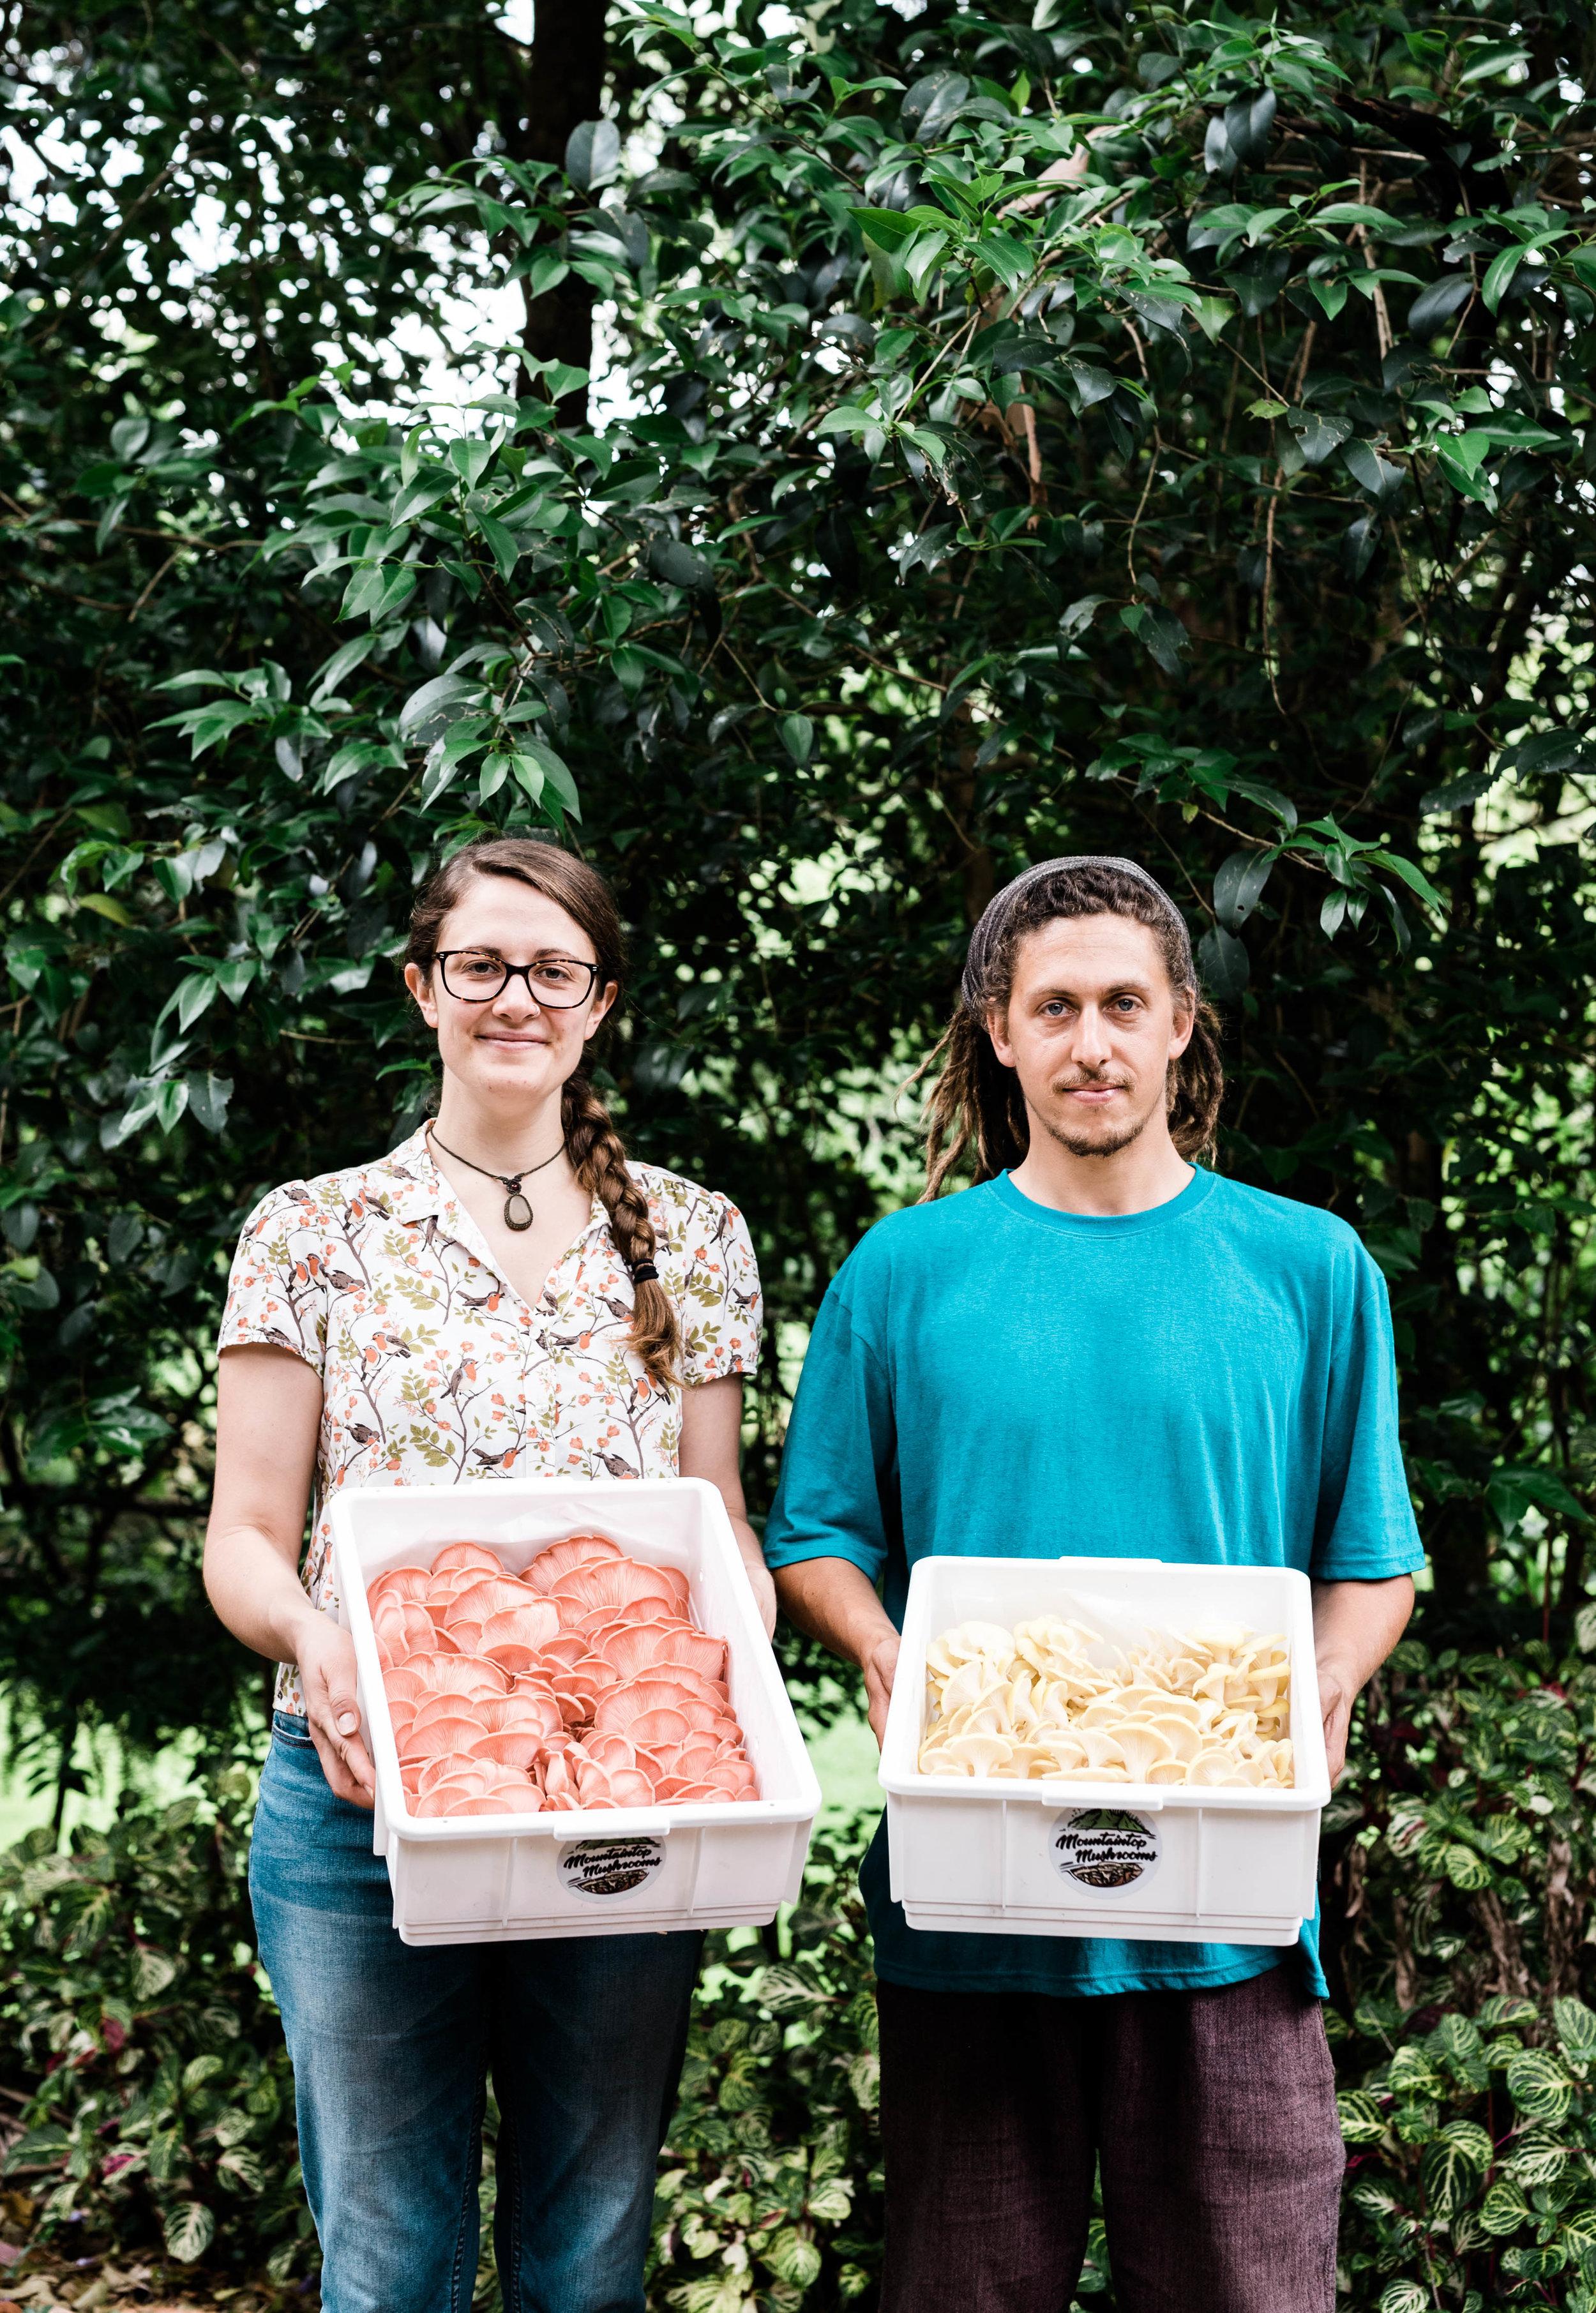 WEB-hannah puechmarin-WWFF-mountaintop mushrooms-6641.jpg